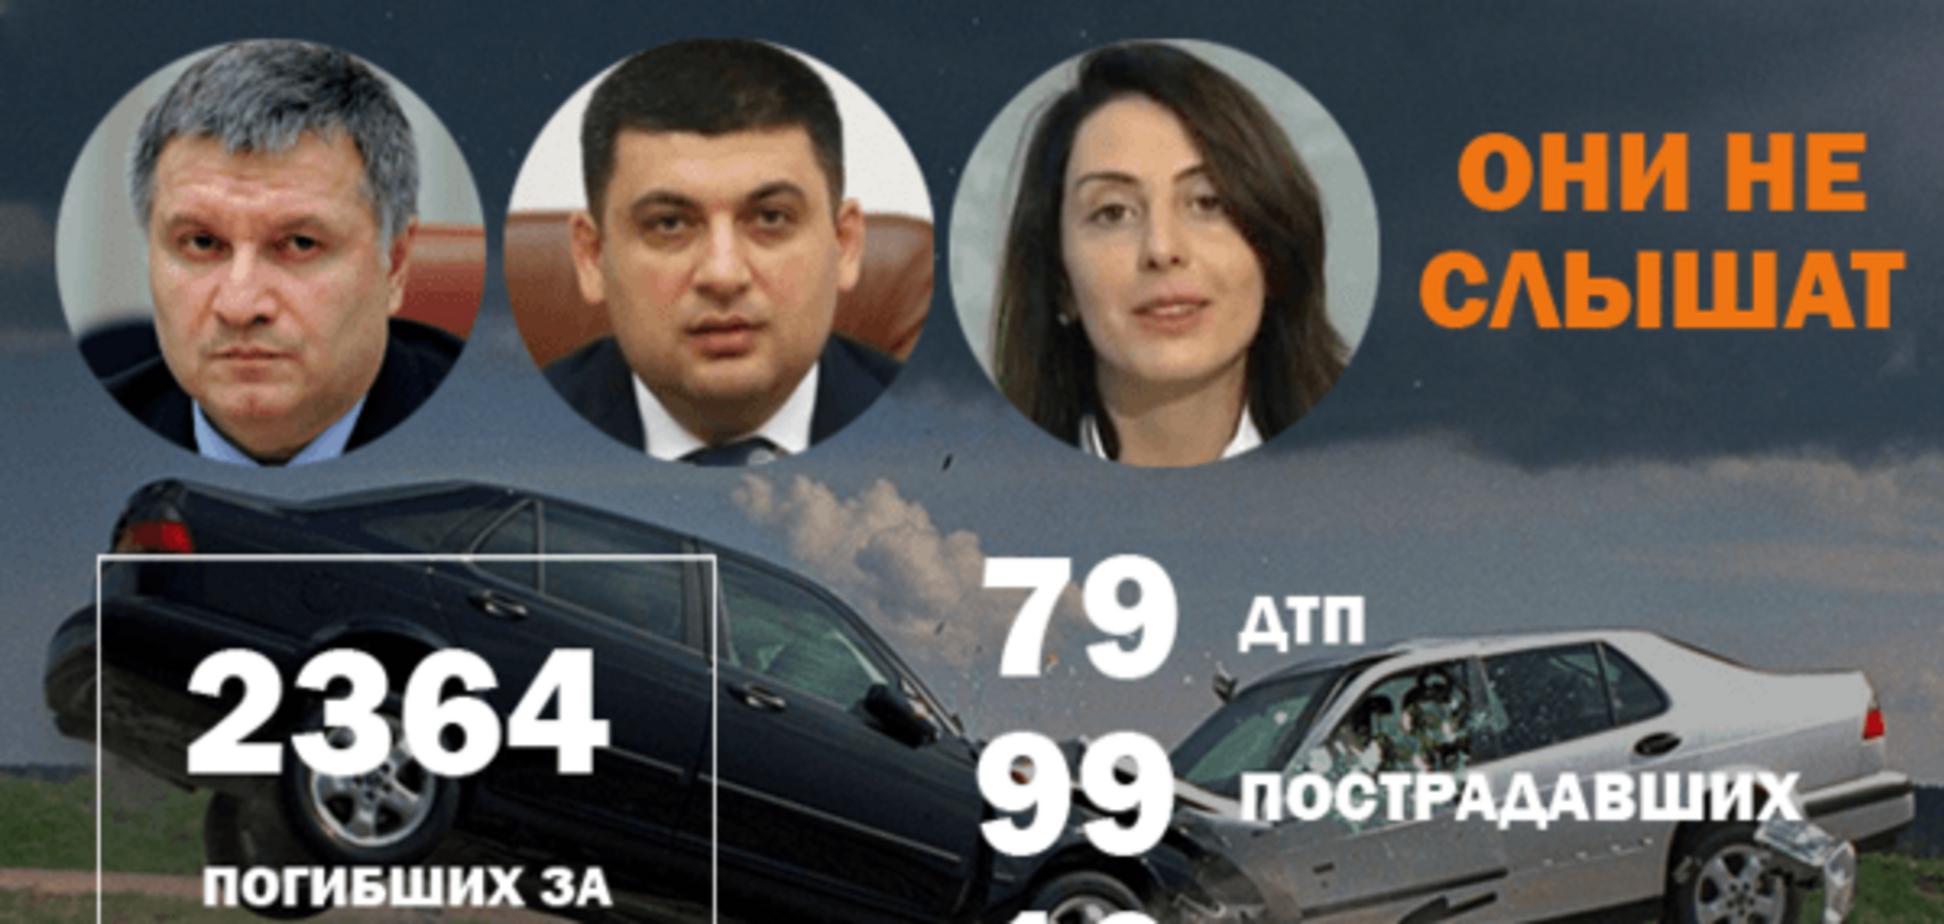 В Одесской области автомобиль сбил маму с ребенком: подробности смертельного ДТП